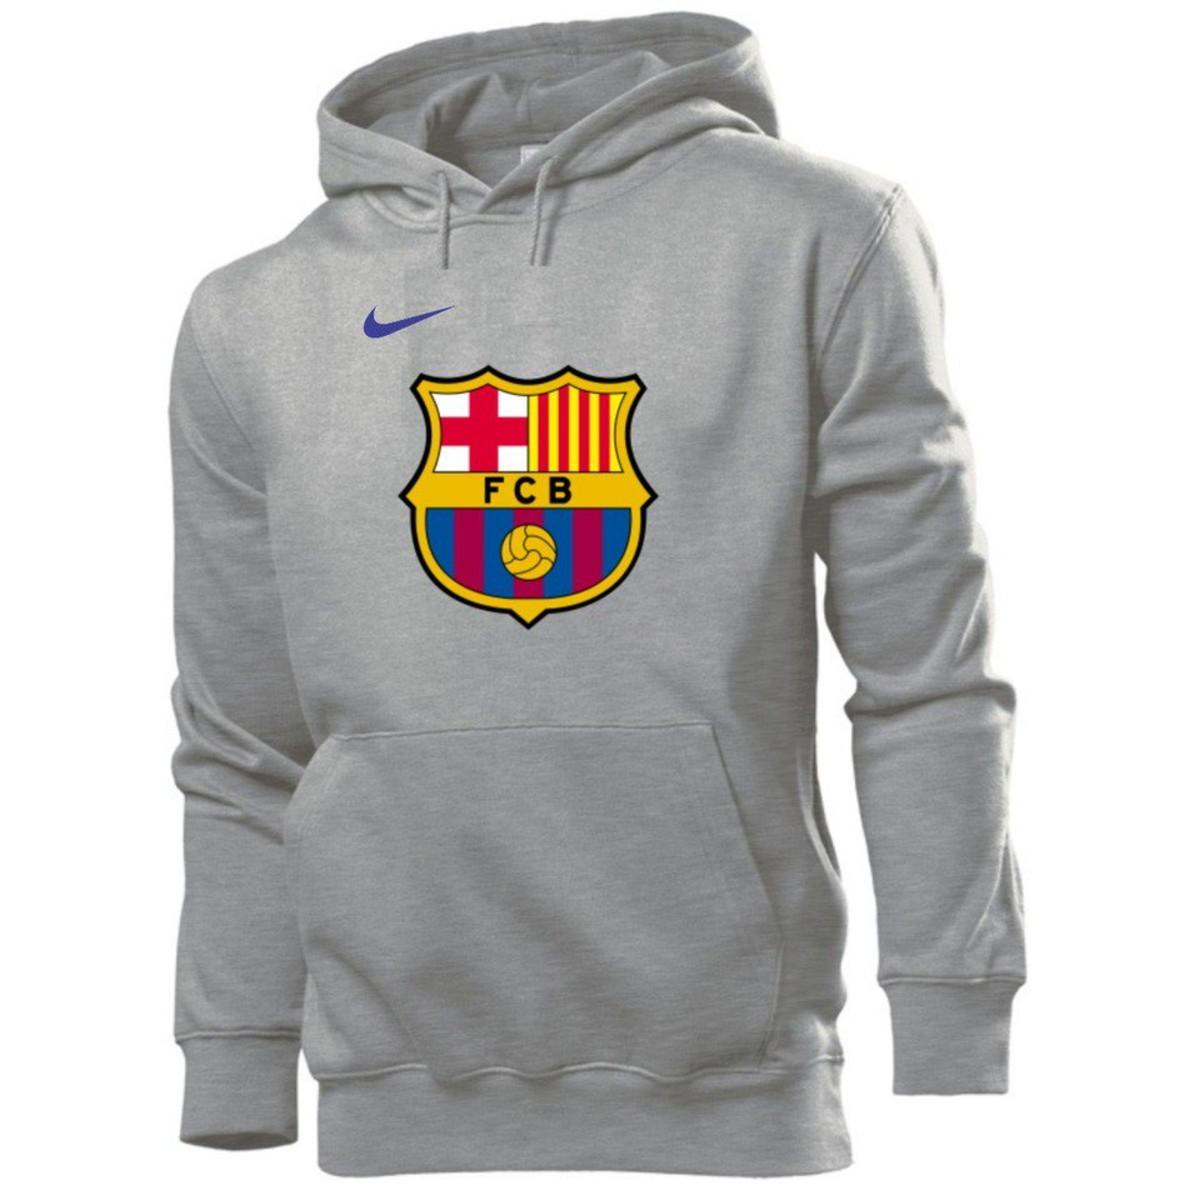 c66bdb0cca Blusa de moletom futebol barcelona futebol clube espanhol no Elo7 ...